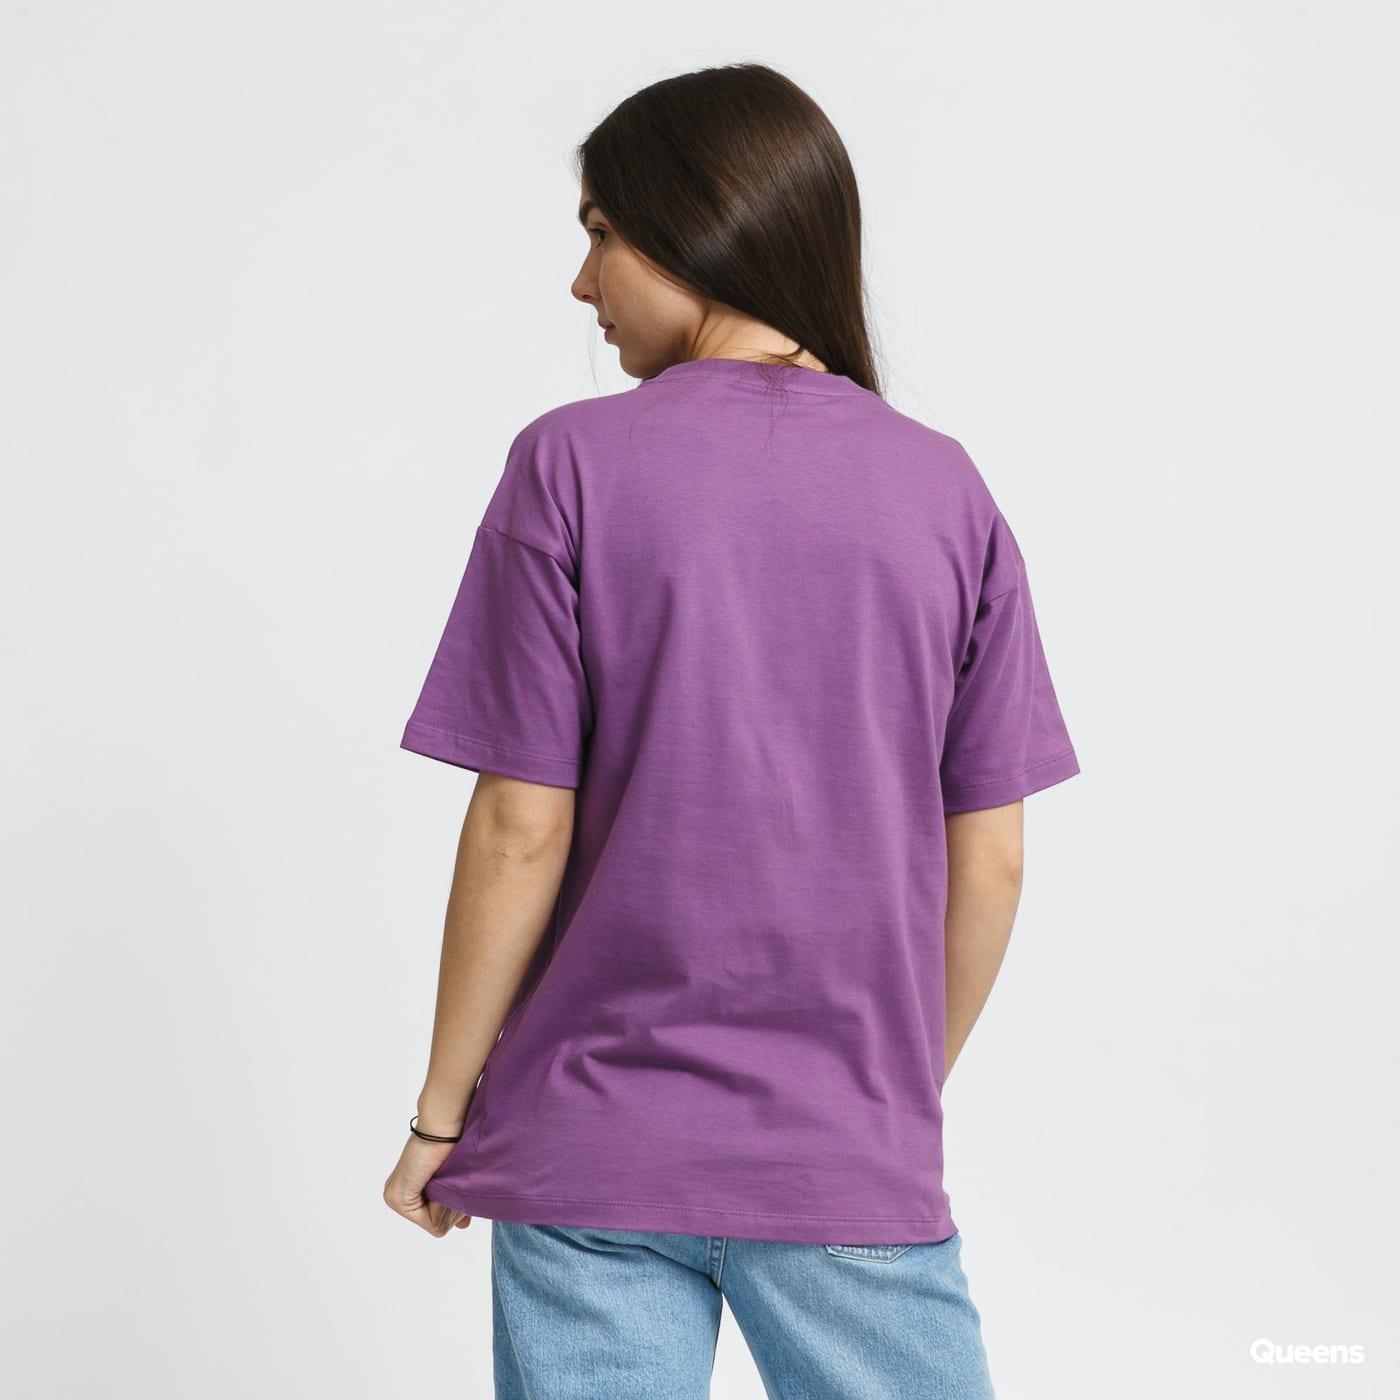 Carhartt WIP W' SS Script T-shirt purple